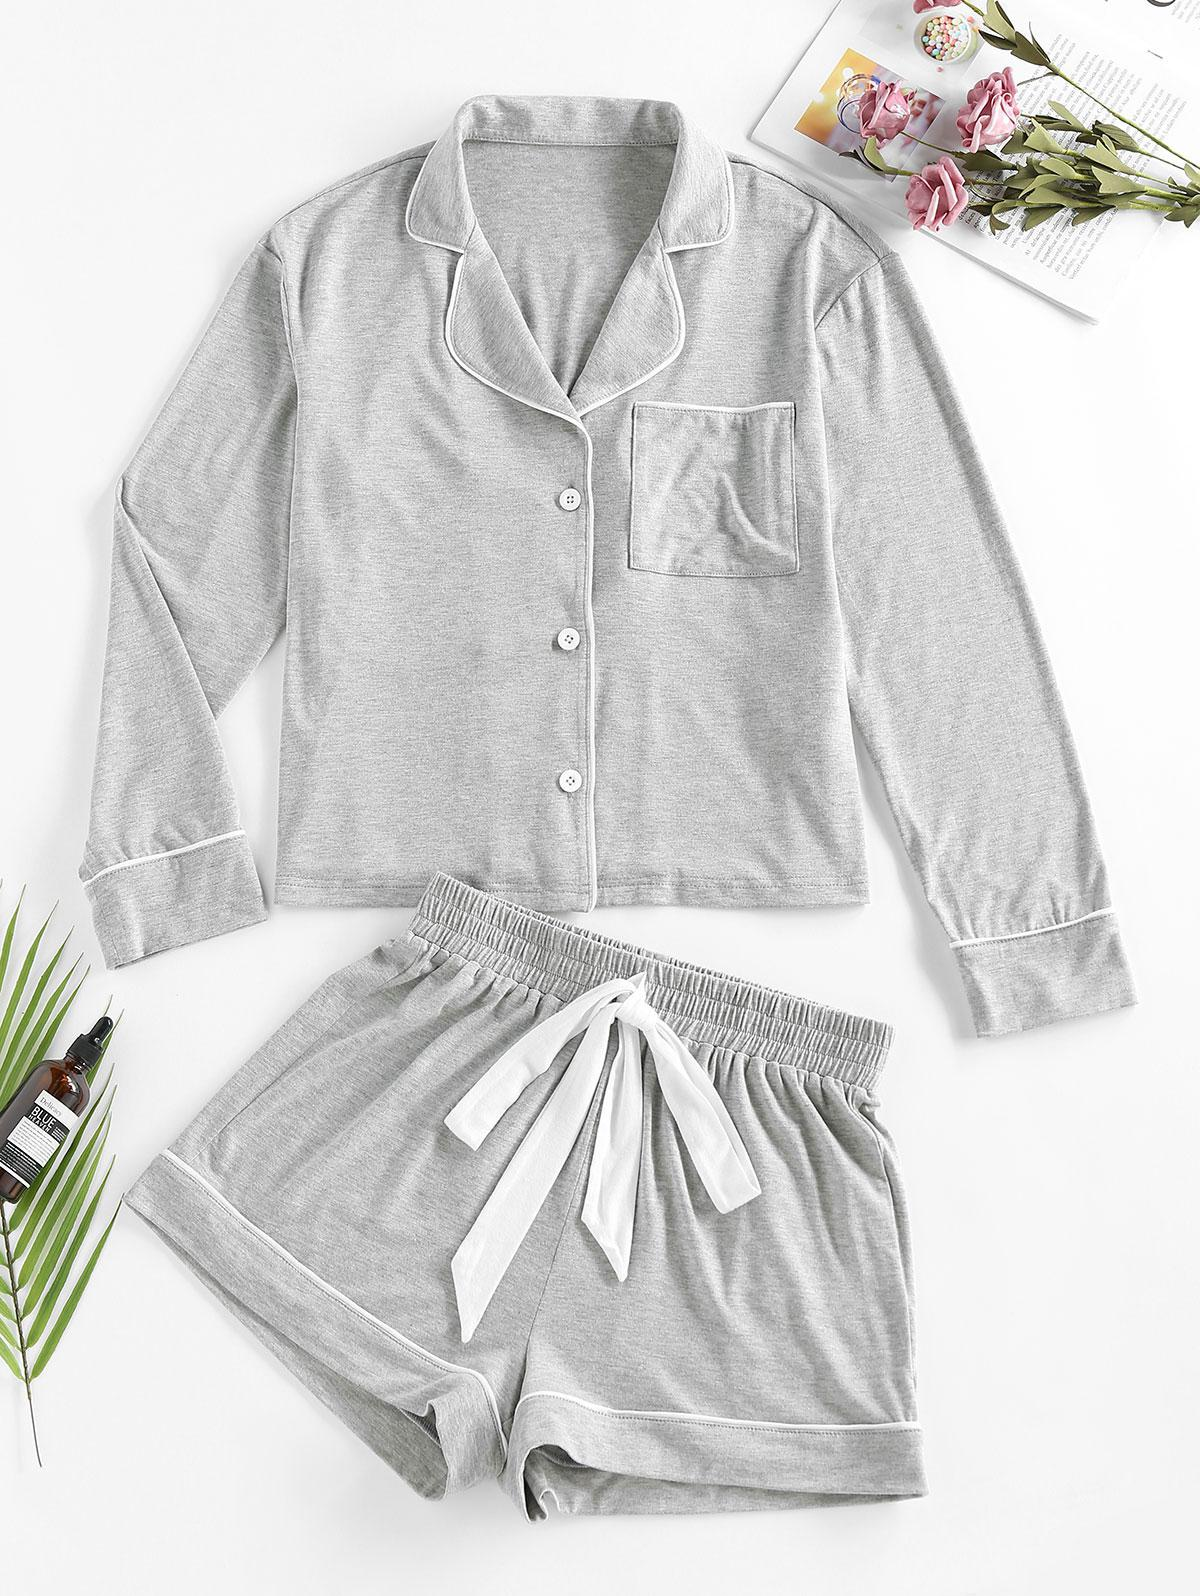 ZAFUL Contrast Piping Pocket Pajama Pants Set